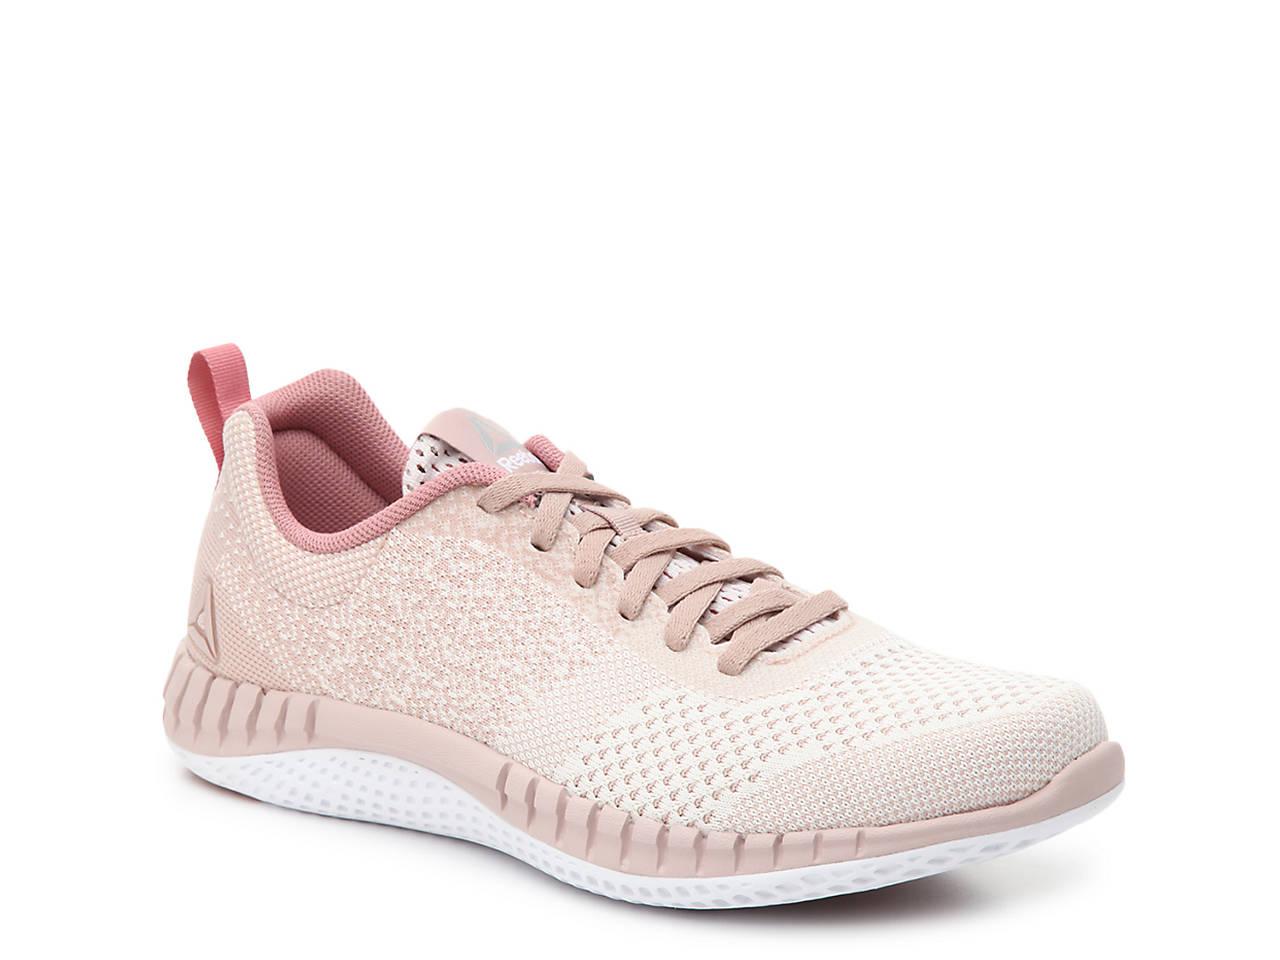 7adead45465 Reebok ZPrint Run Prime Lightweight Running Shoe - Women s Women s ...